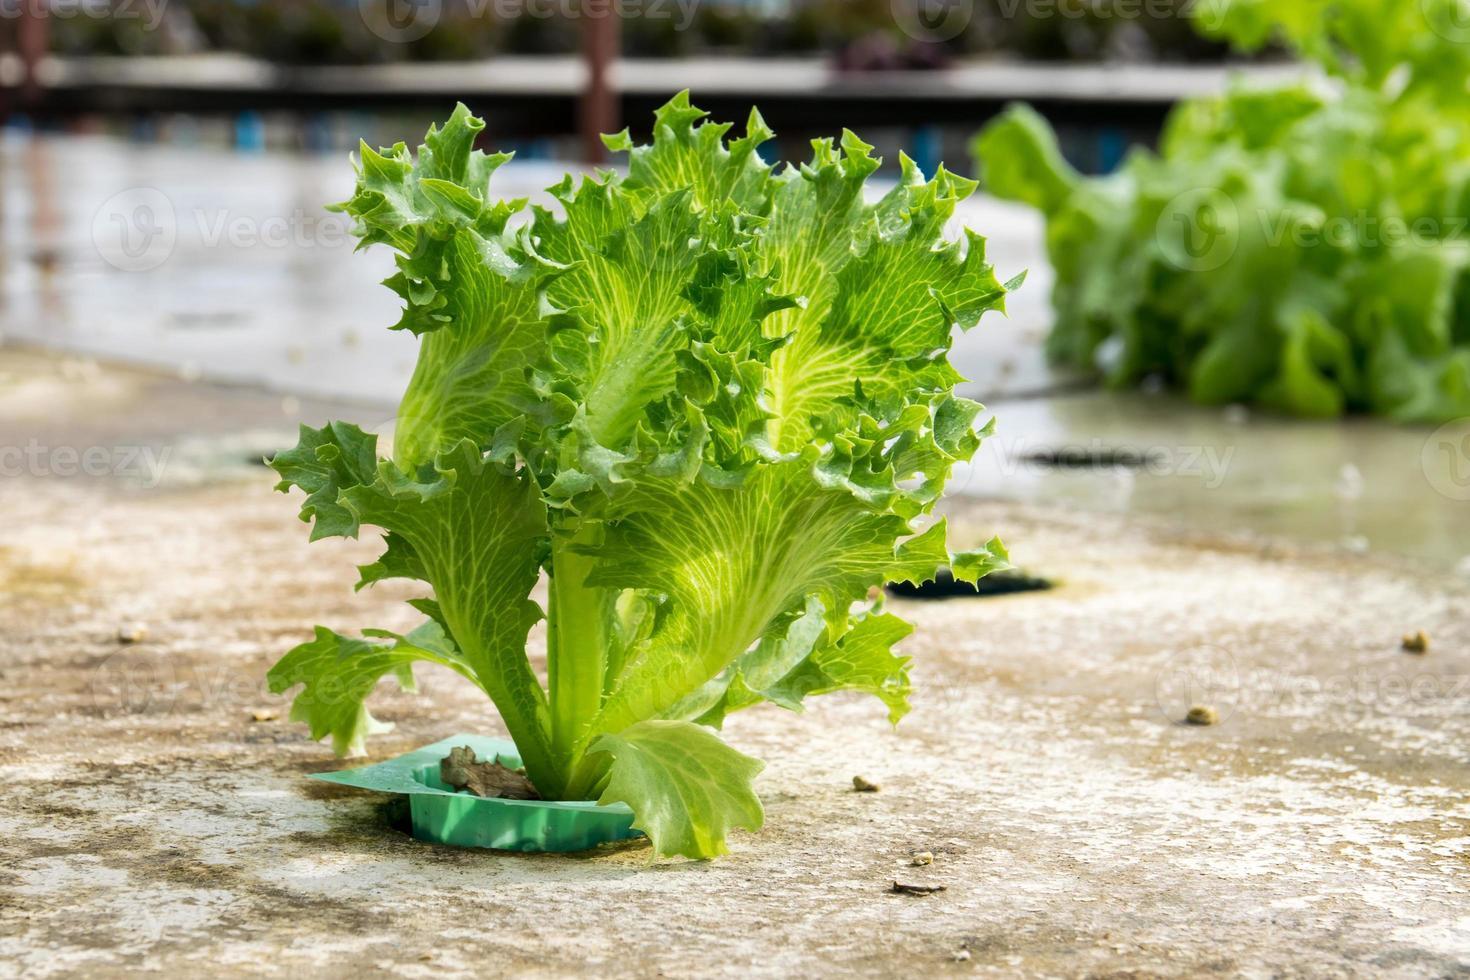 coltivazione idroponica verdura verde in fattoria foto